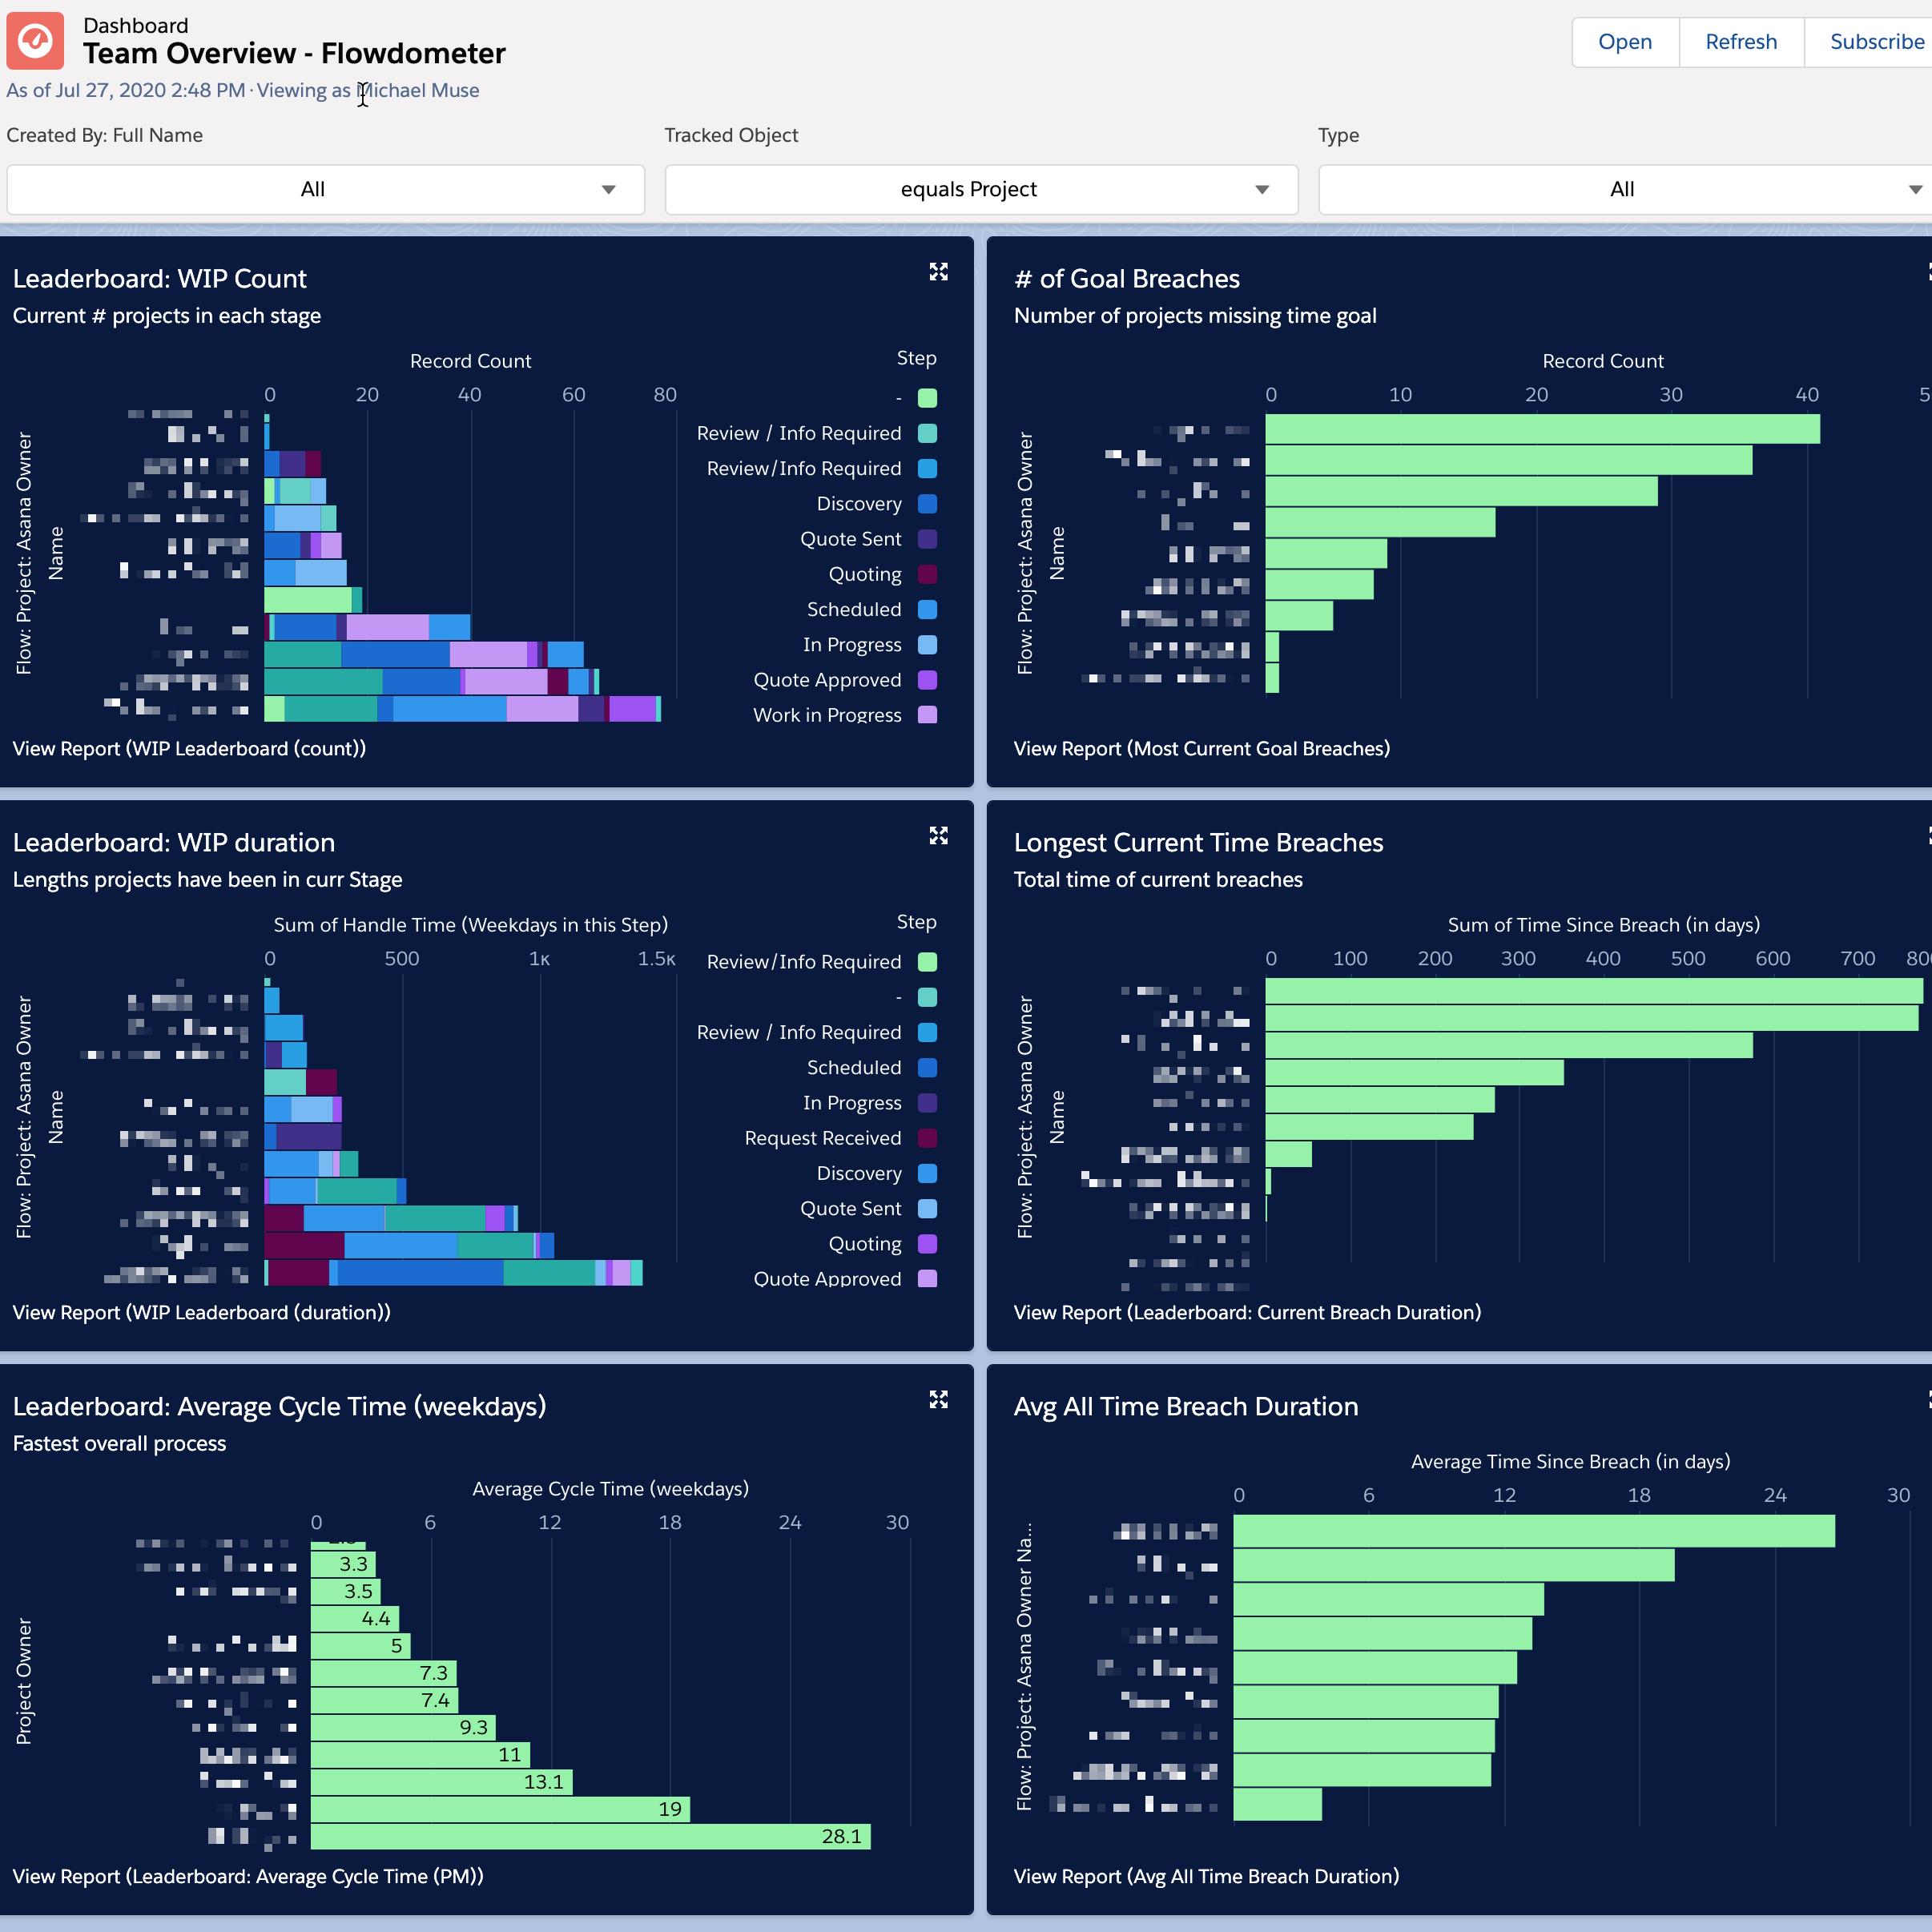 SLA leaderboards in Salesforce